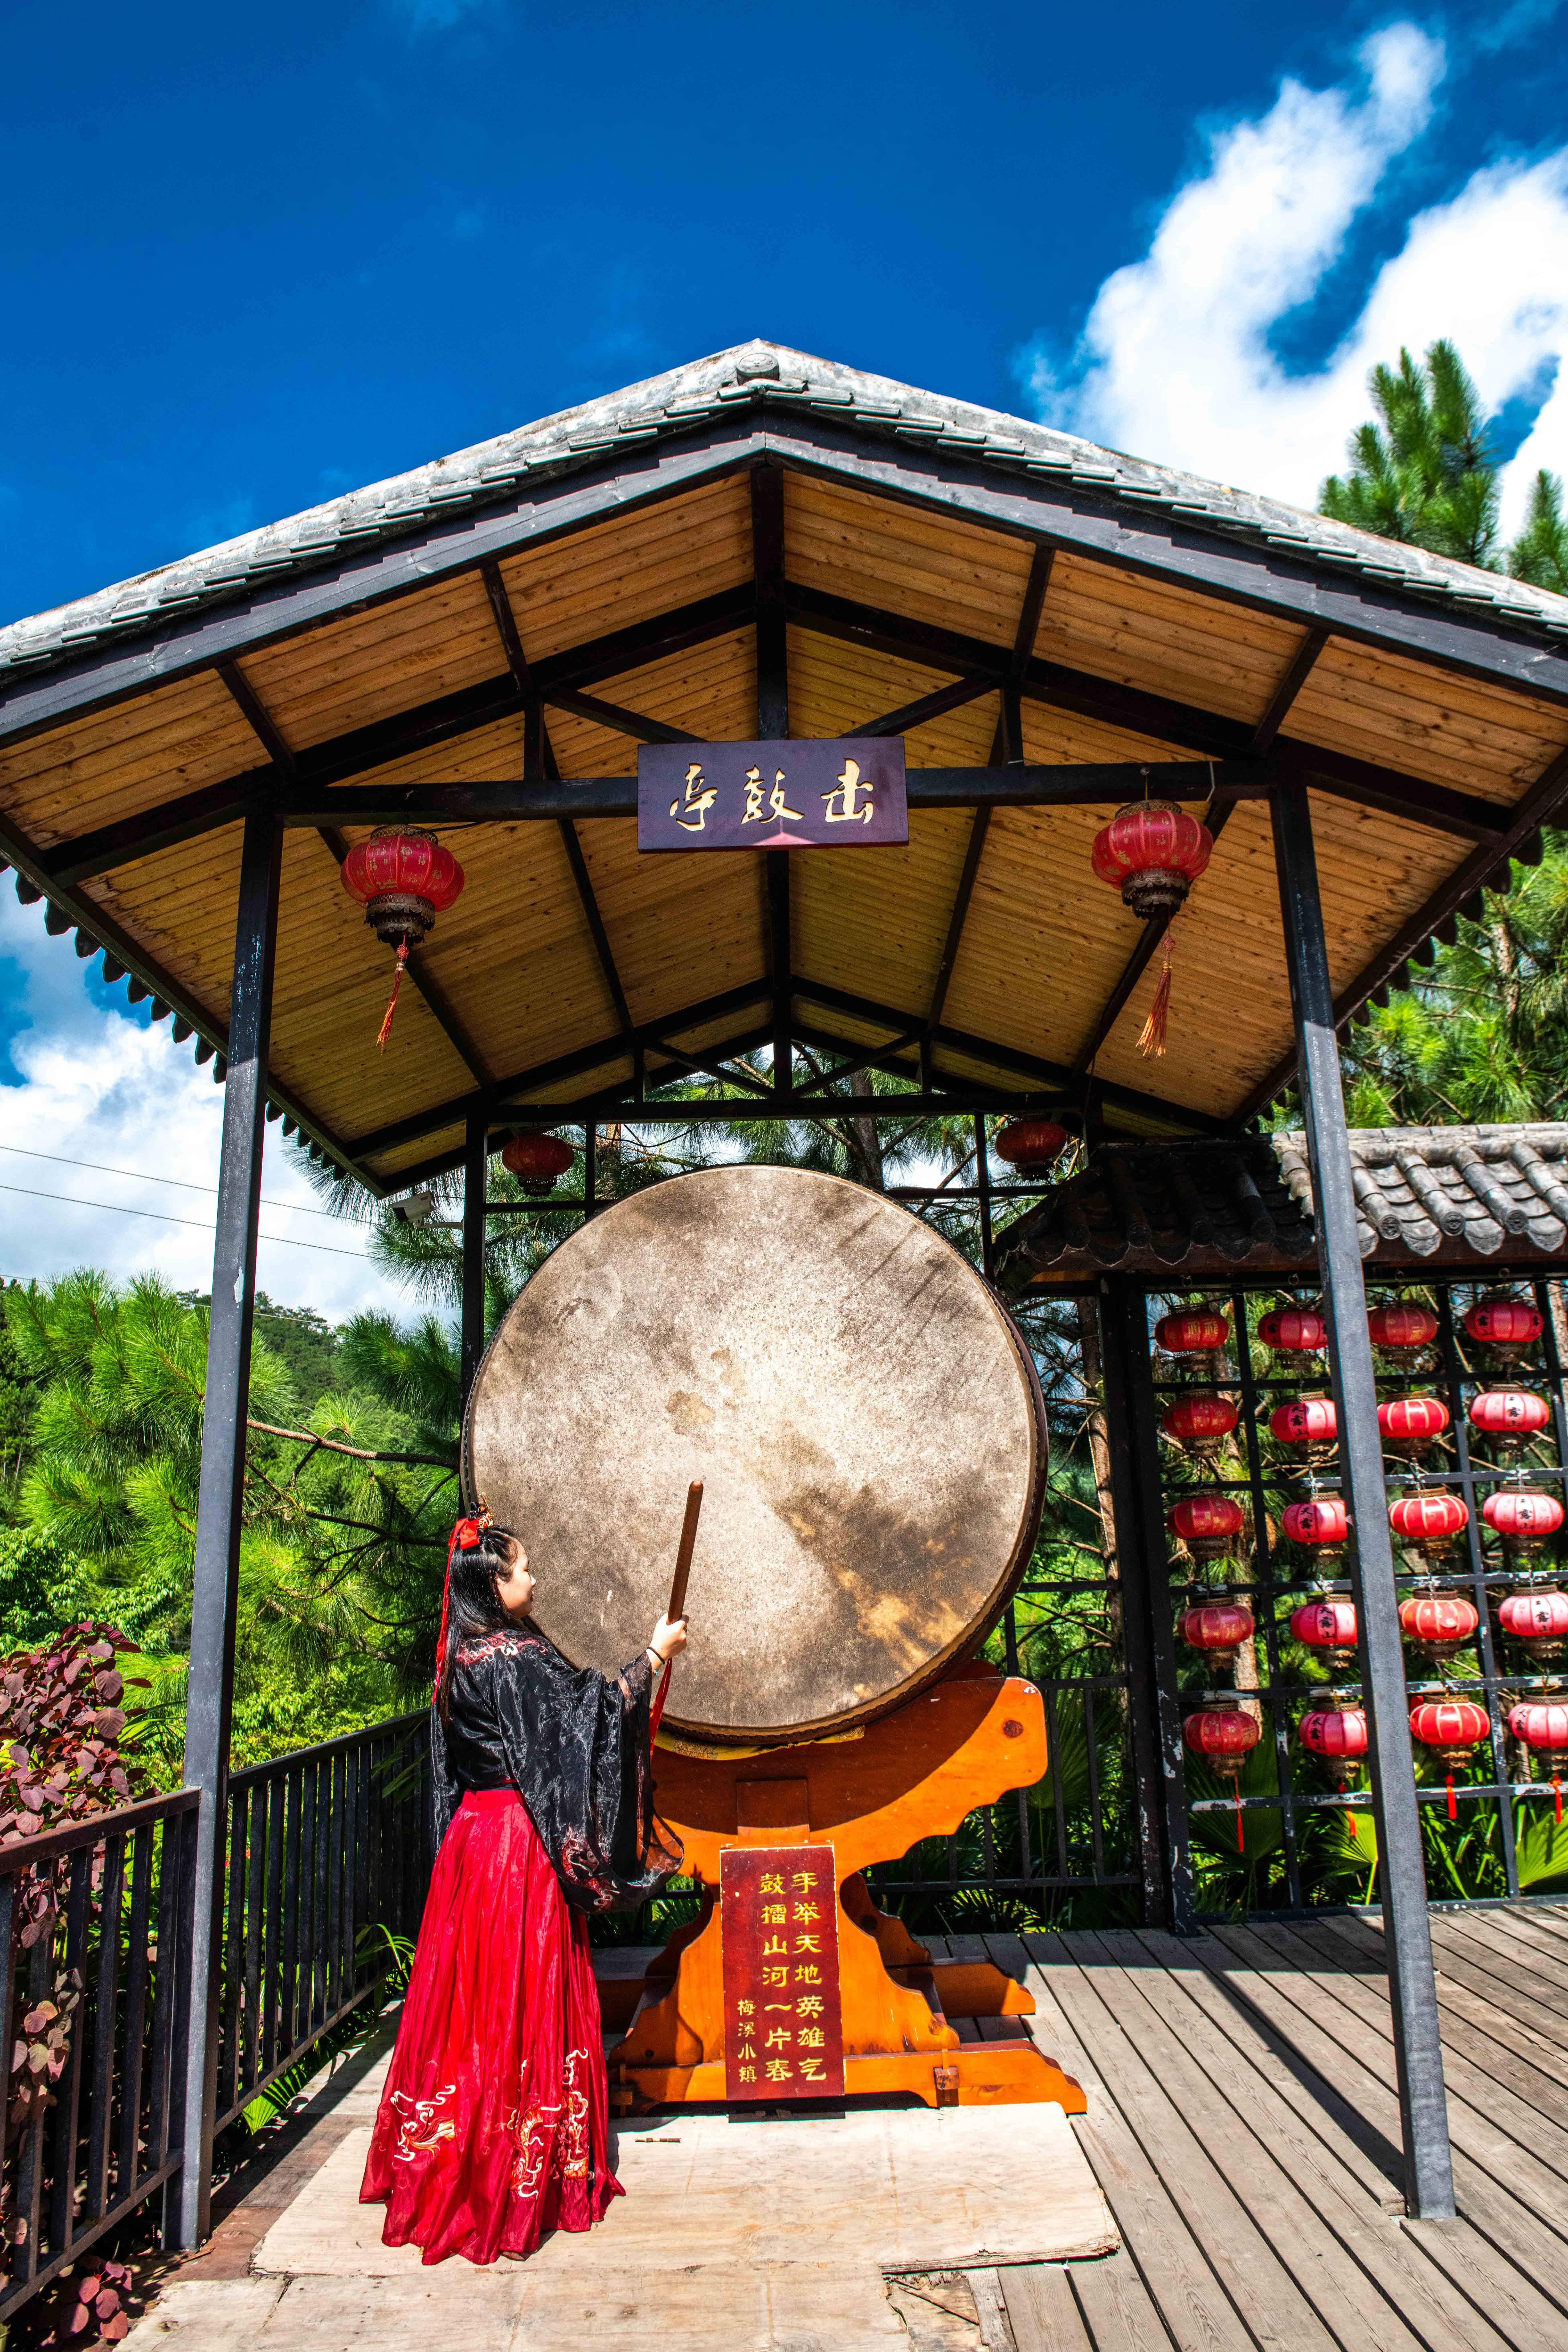 夏季广东旅行该去哪儿玩?这个景区的漂流你敢来尝试吗?超刺激!